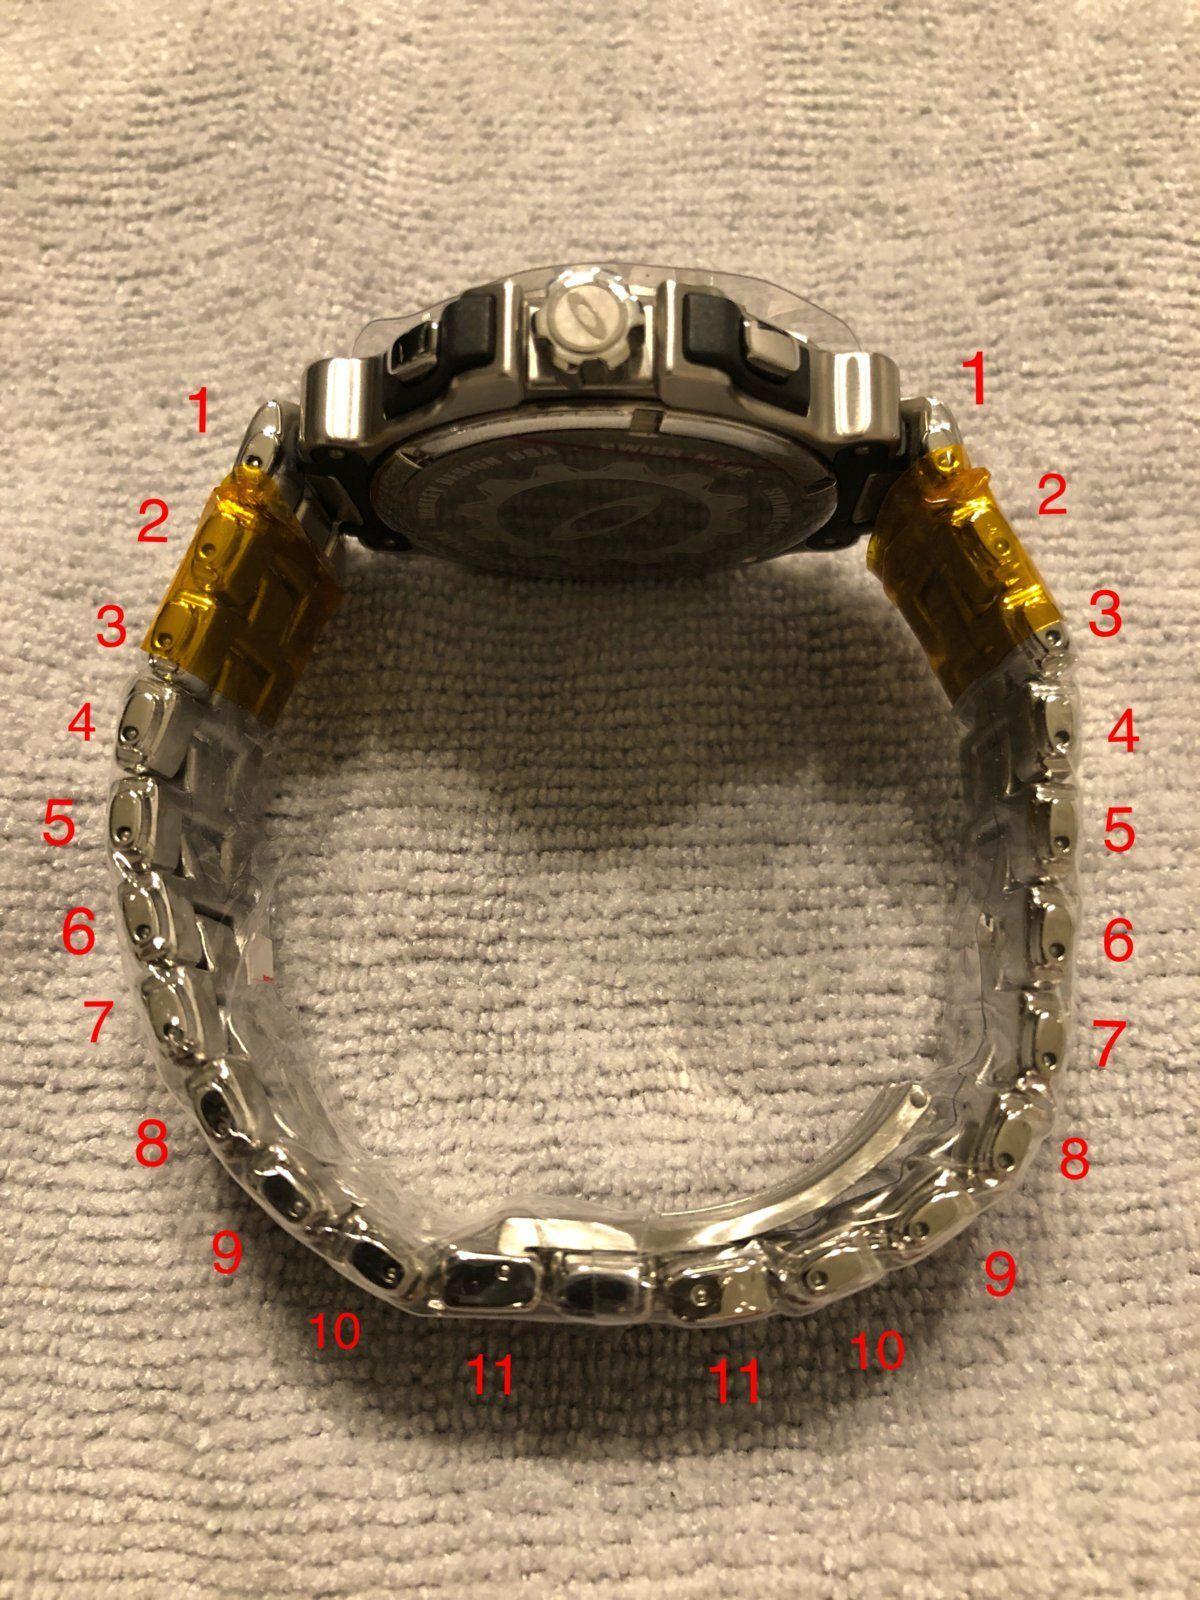 9b1ae2b4-0778-45a8-8c4a-e8a403978a05-jpeg.jpg